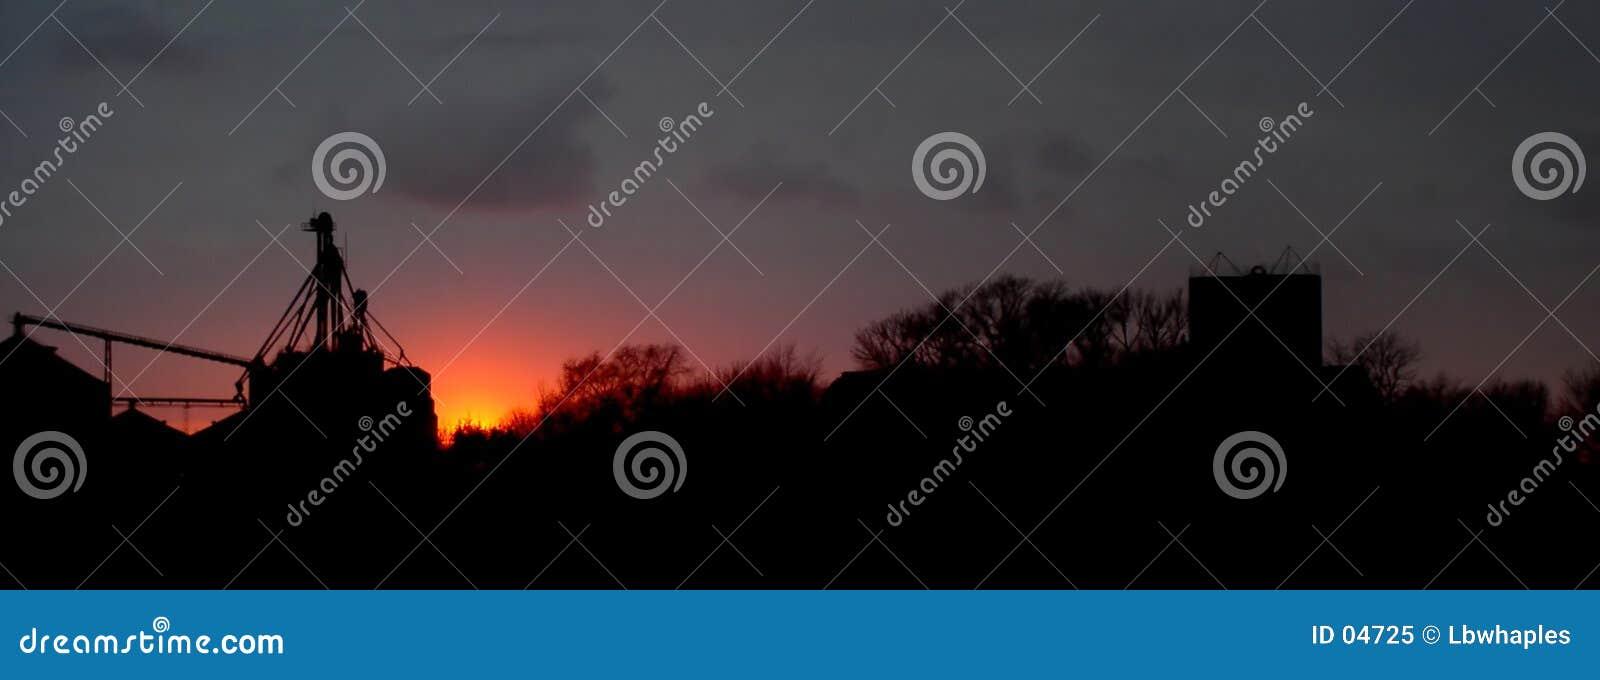 Puesta del sol rural